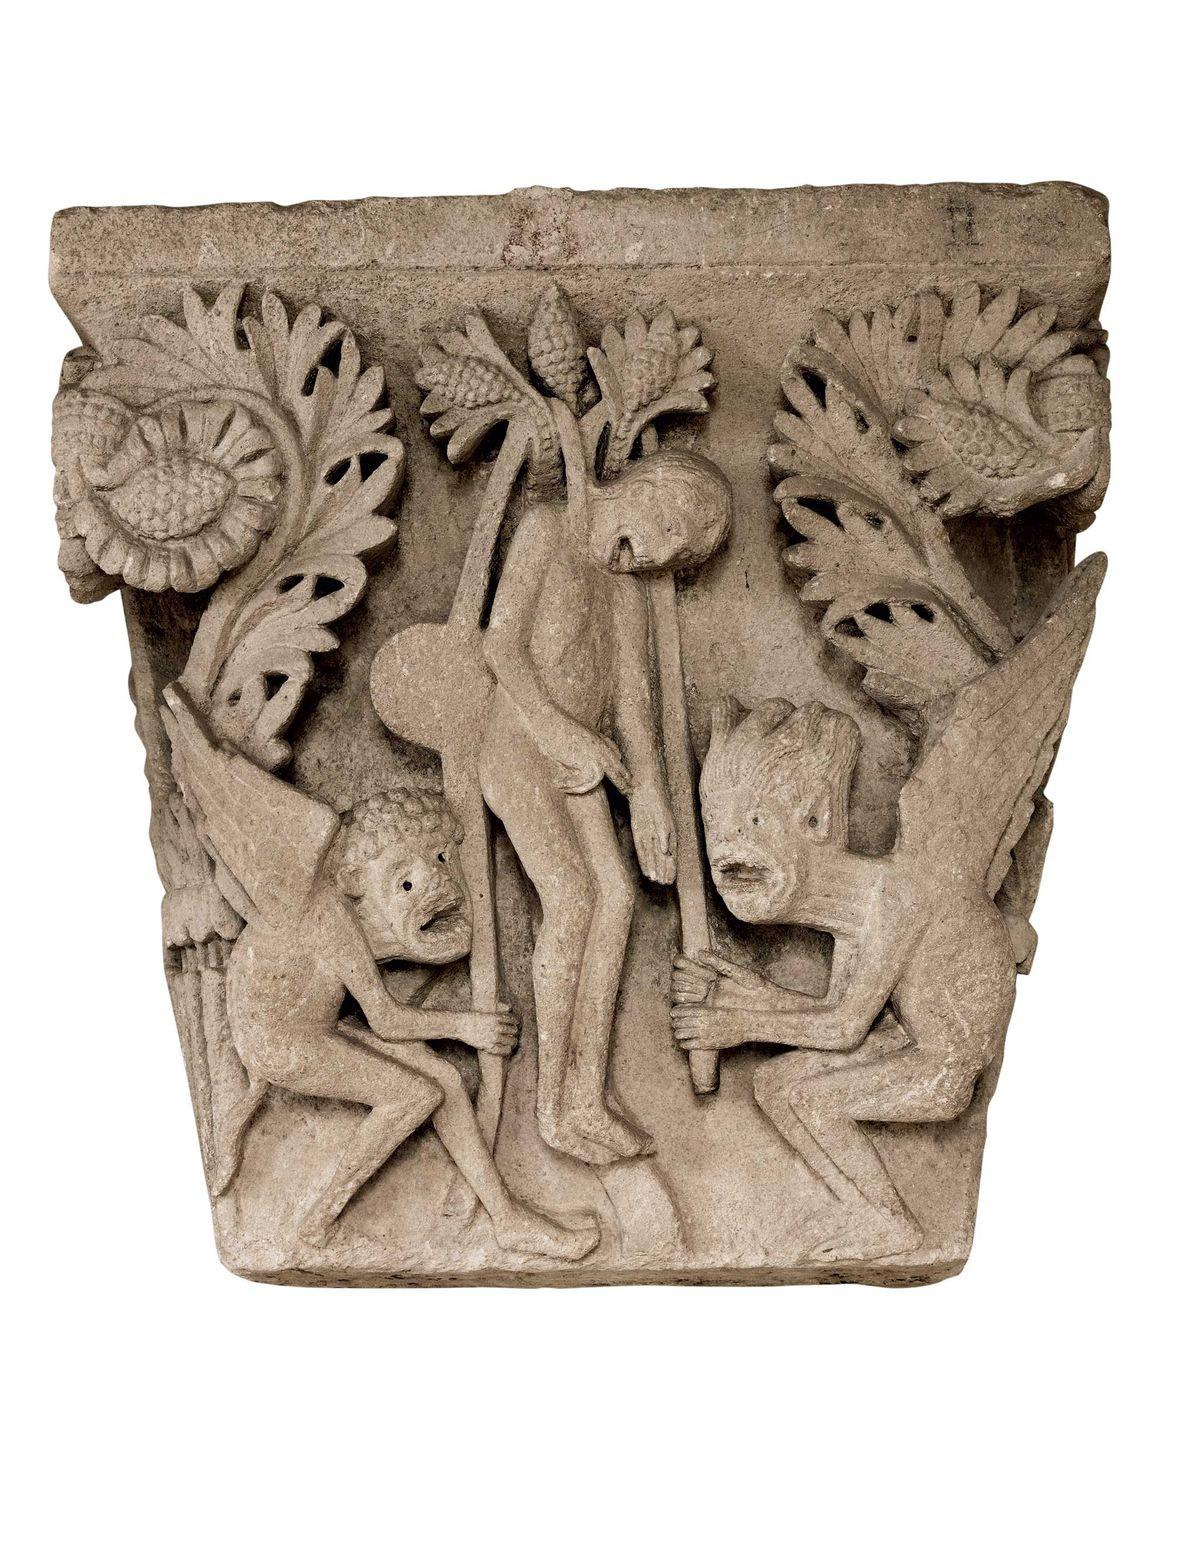 L'apparition du diable dans l'art médiéval était une fenêtre sur un autre monde, rendue hideux par ...